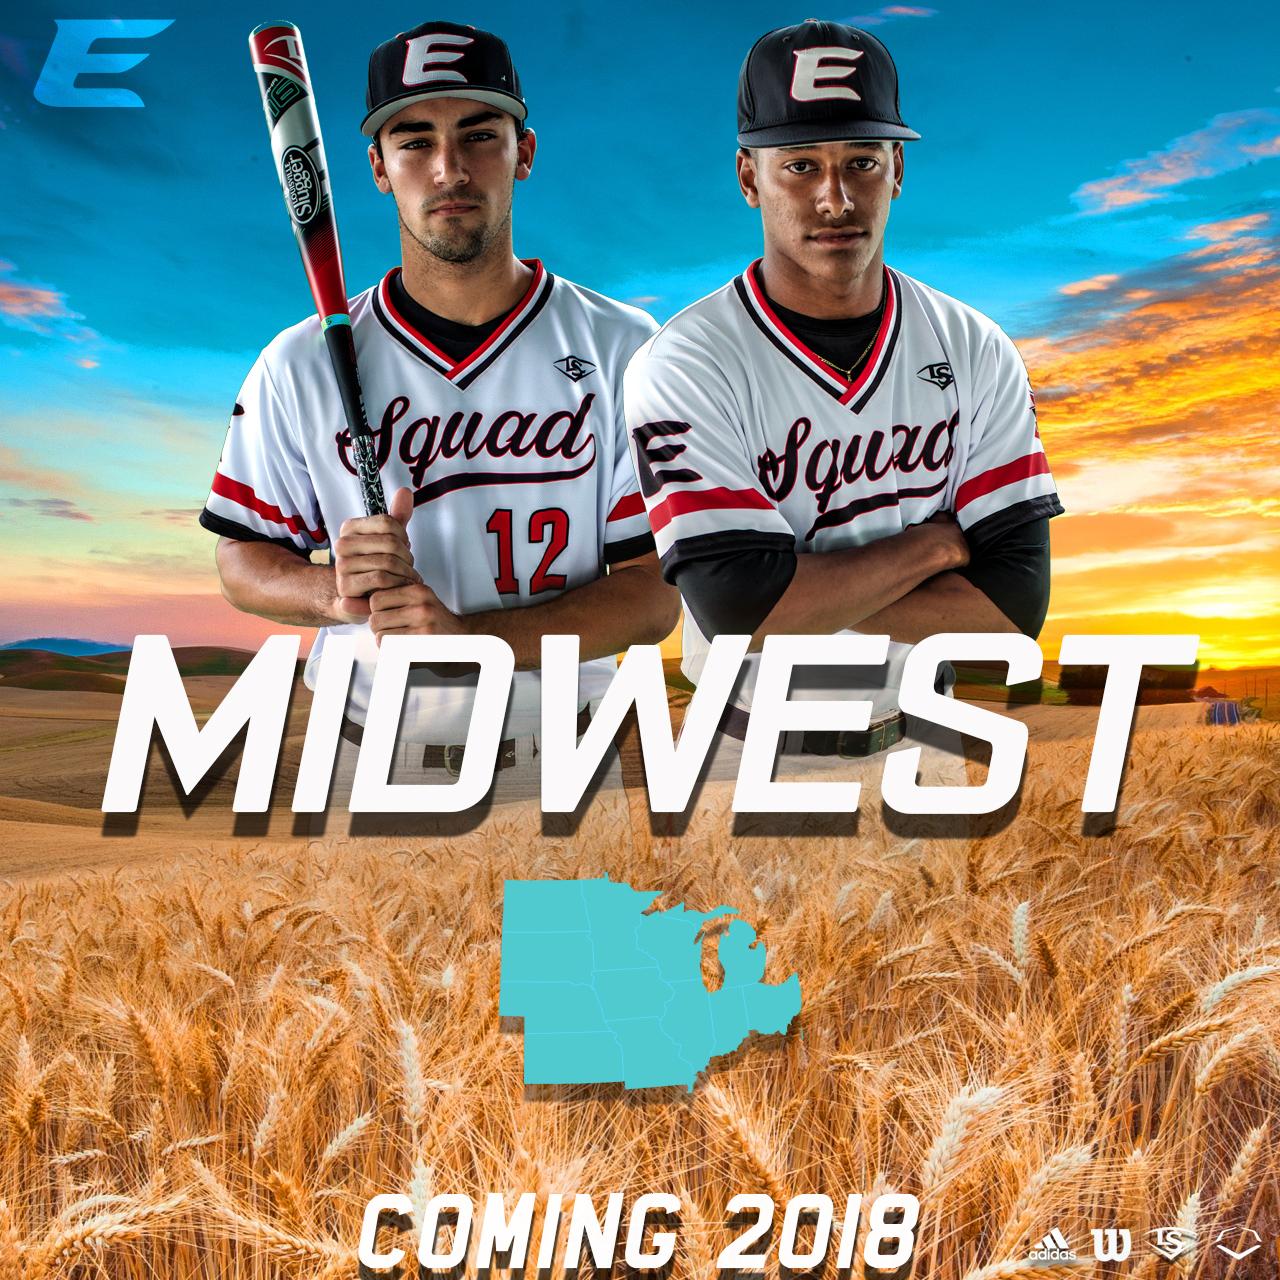 Elite-Squad-Midwest